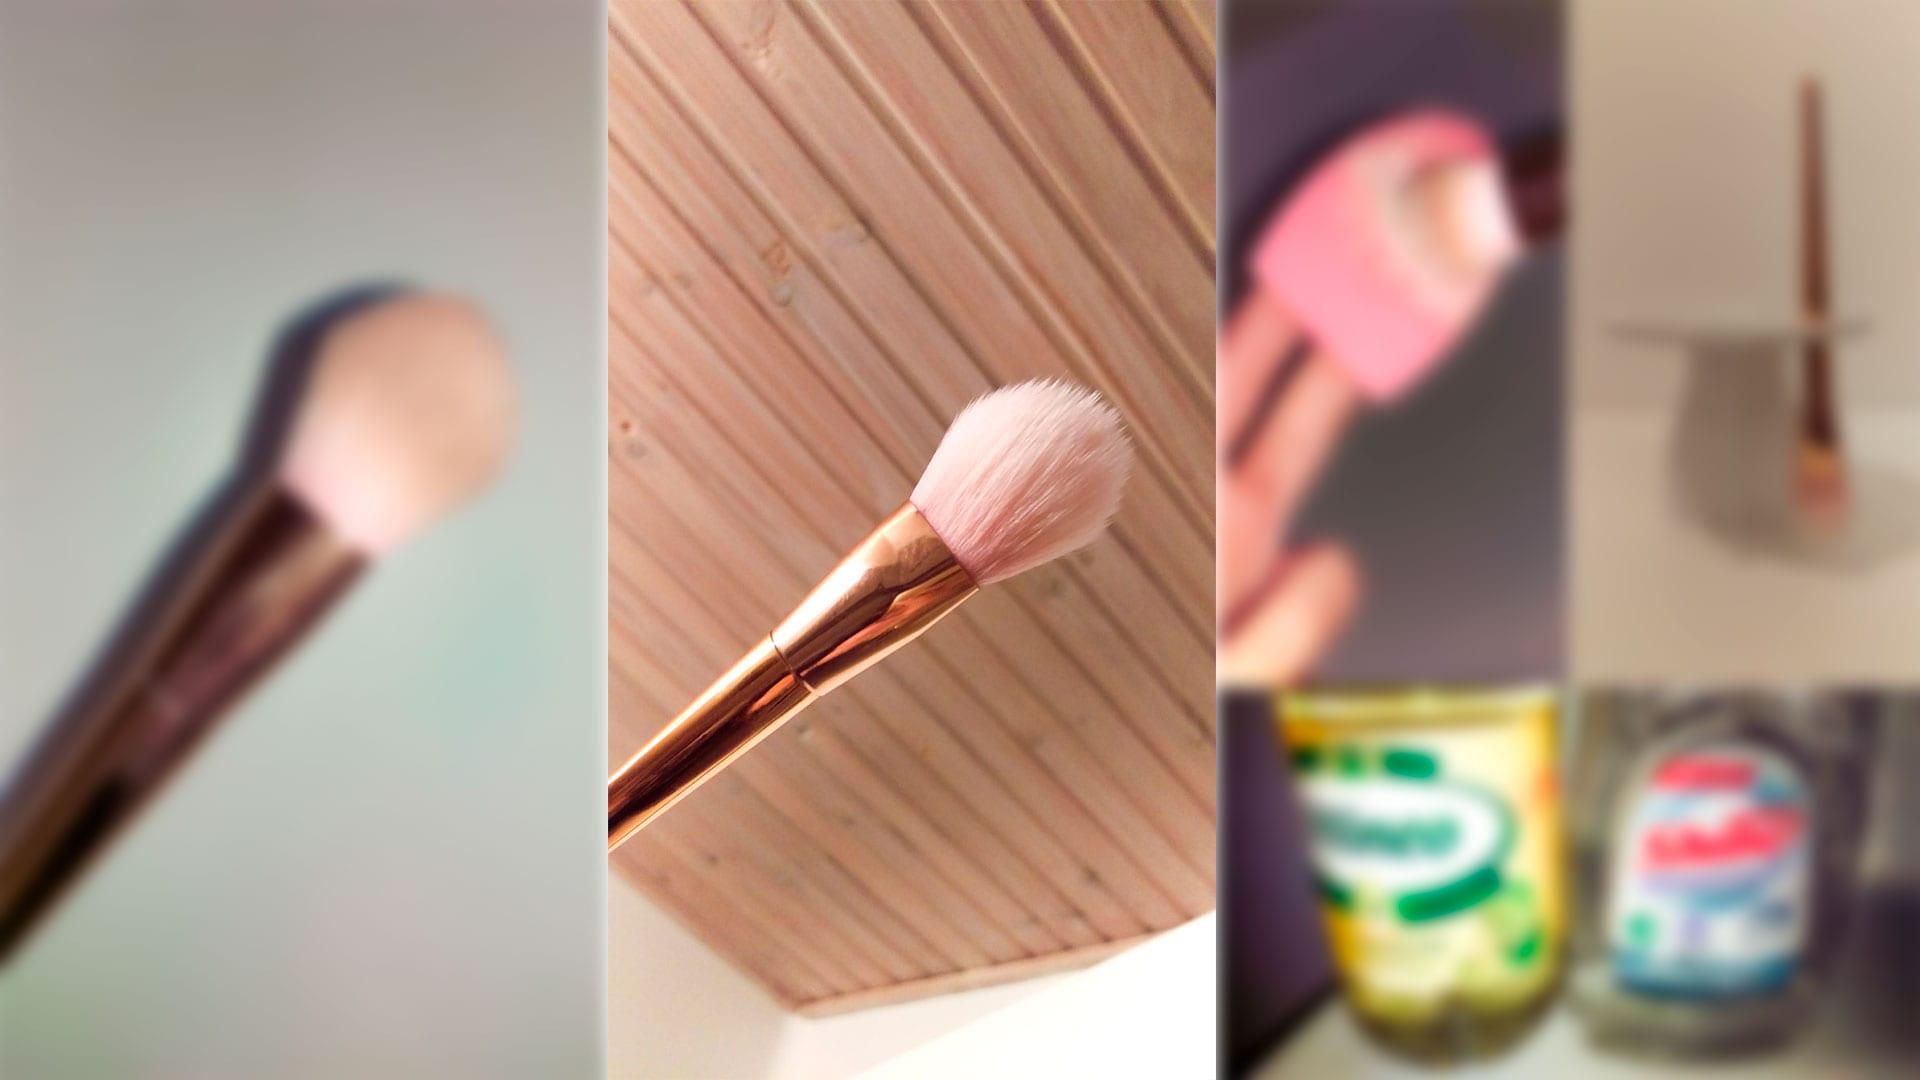 Rengøring af børster med madlavningsolie og opvaskemiddel darieflavour